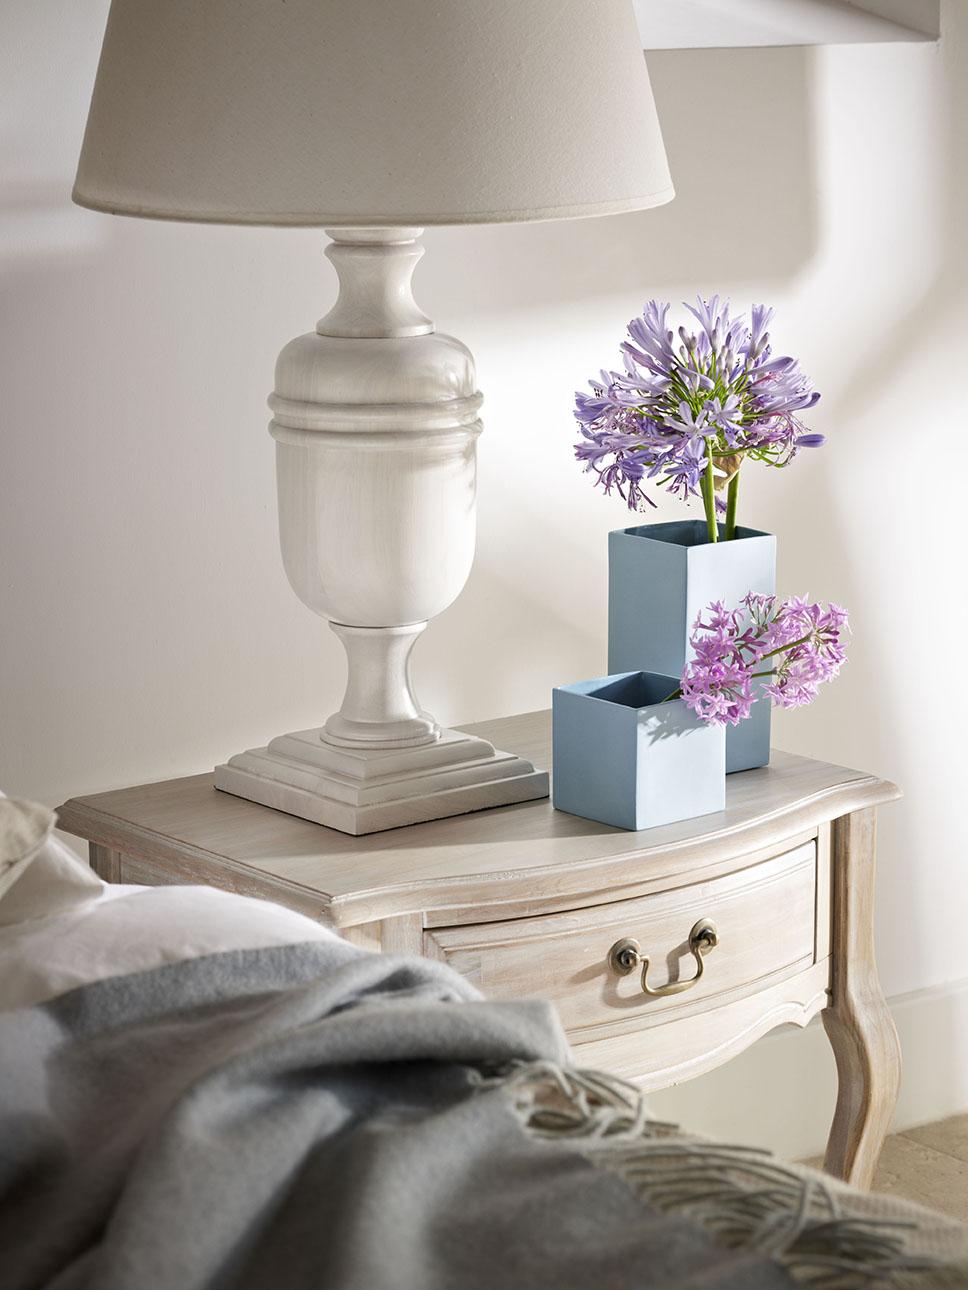 00326178 O. Flores de color lavanda en un jarrón azul claro y una lámpara blanca sobre la mesita de noche del dormitorio principal_00326178 O